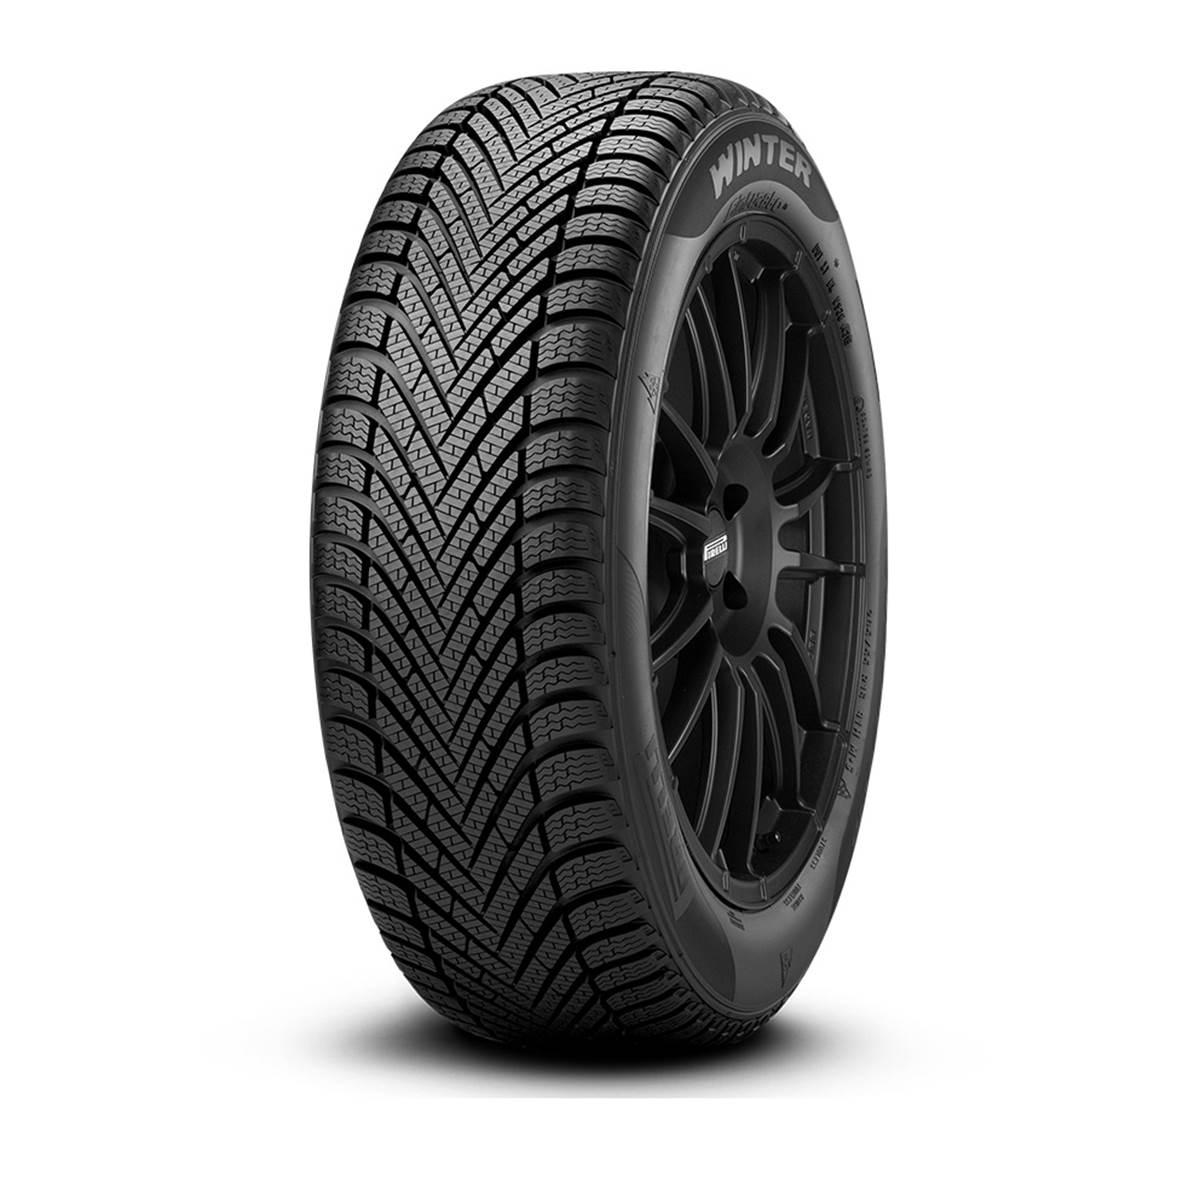 Pneu Hiver Pirelli 195/65R15 91H Cinturato Winter